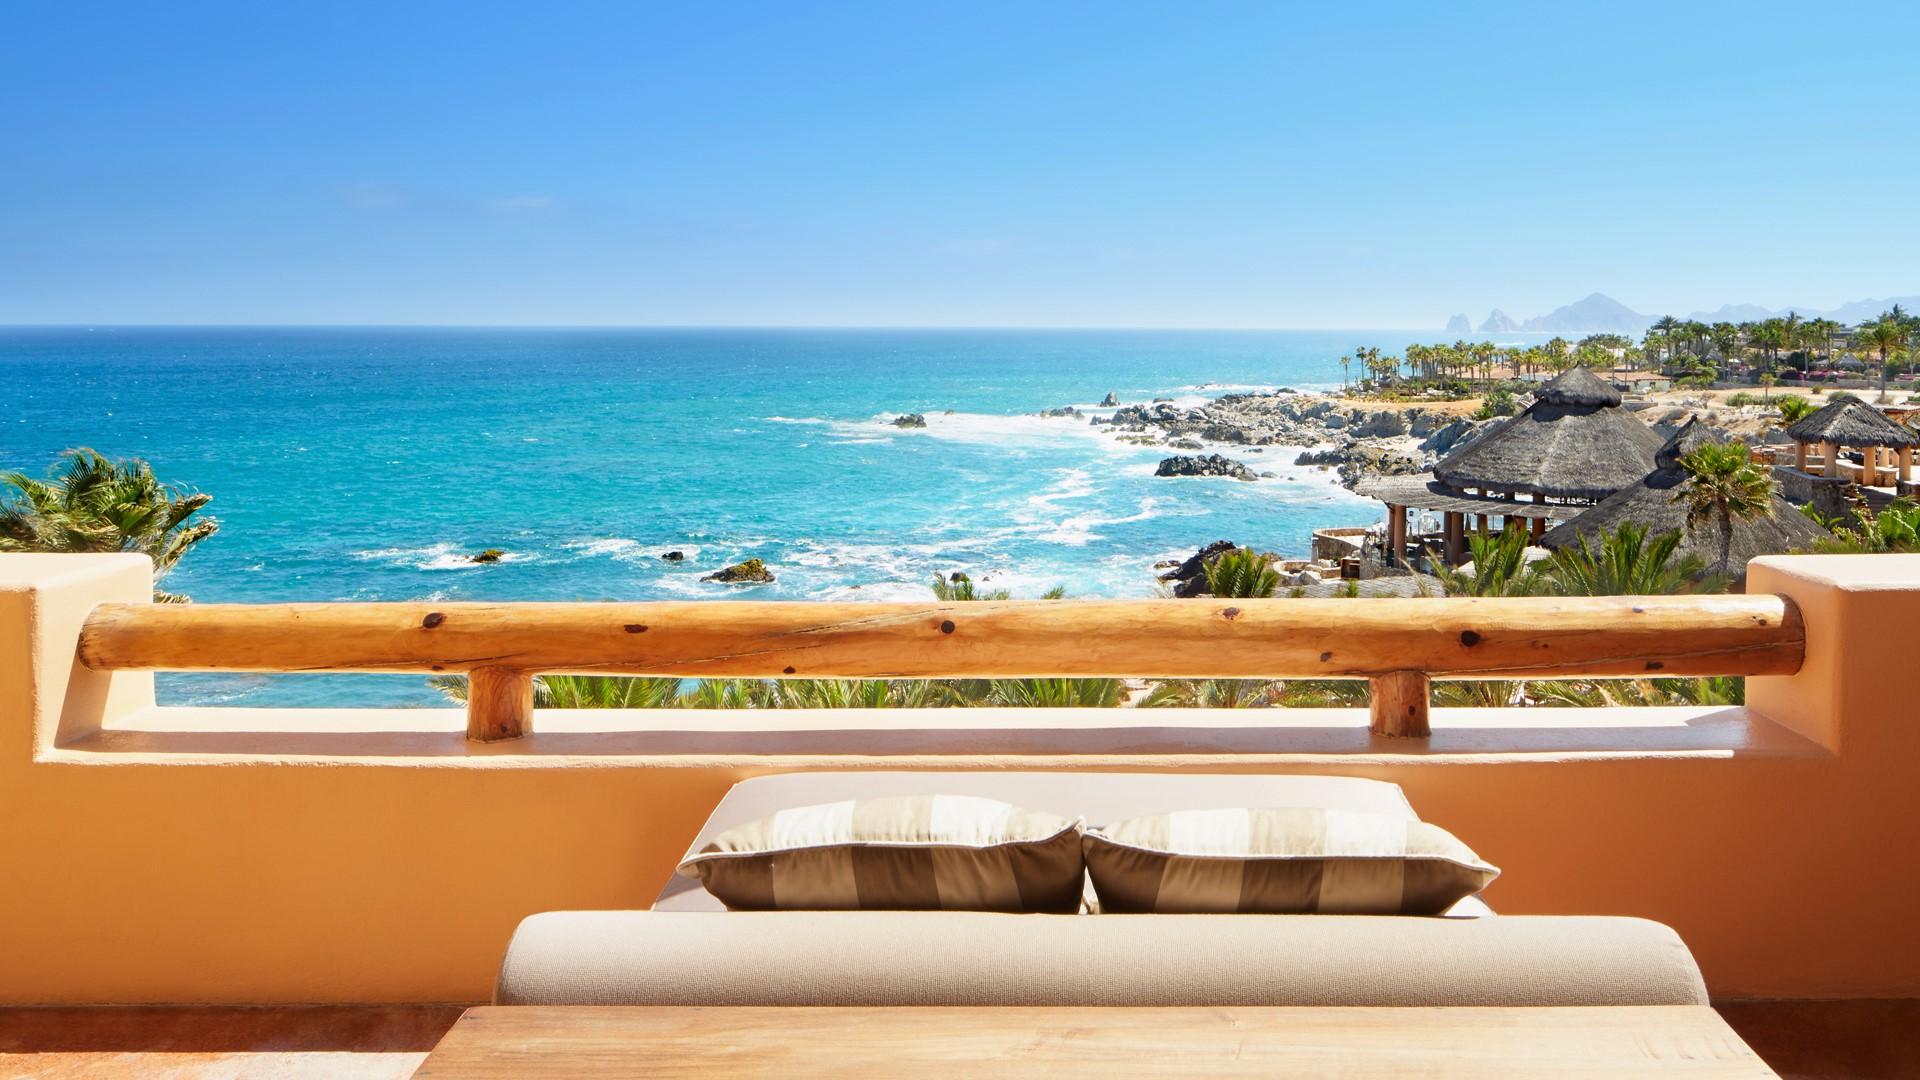 balcony overlooking ocean, cabo san lucas, baja california sur